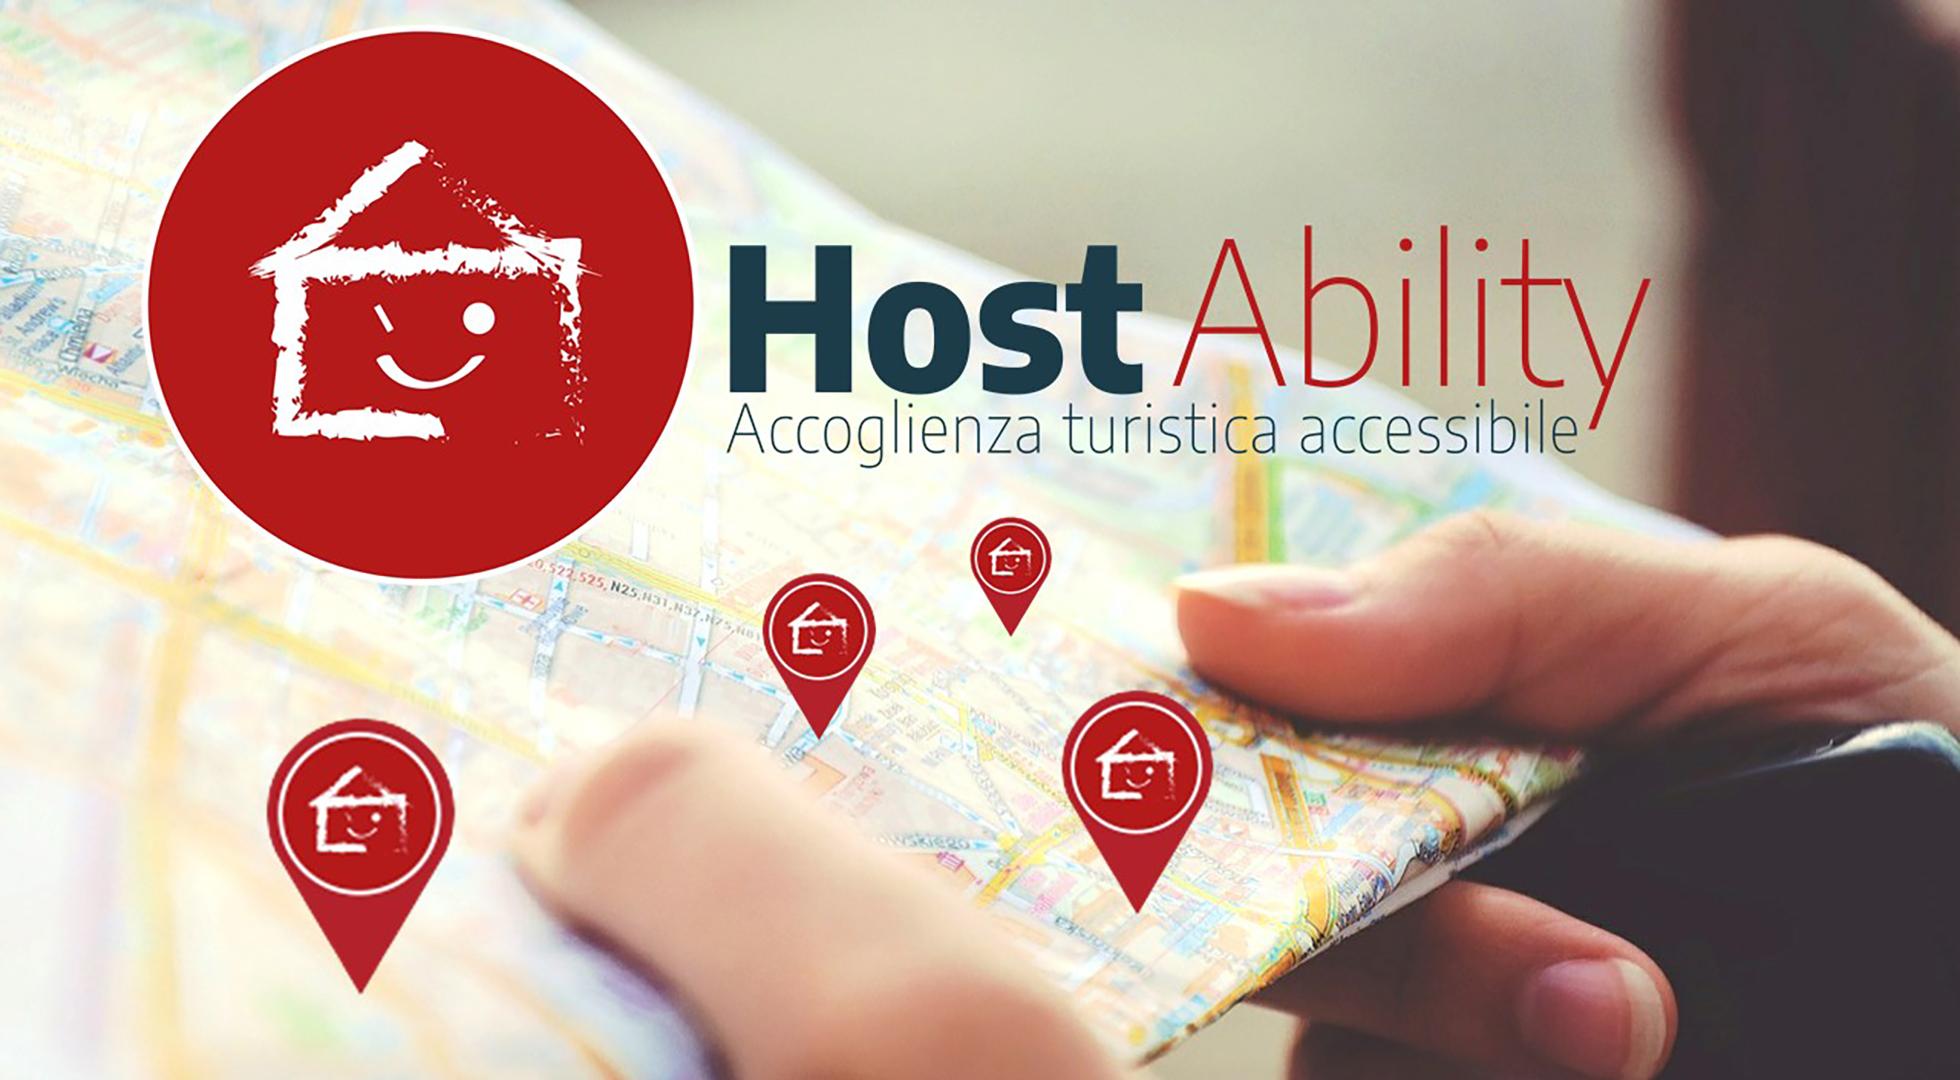 HostAbility - Accoglienza turistica accessibile - Immagine ufficiale del progetto